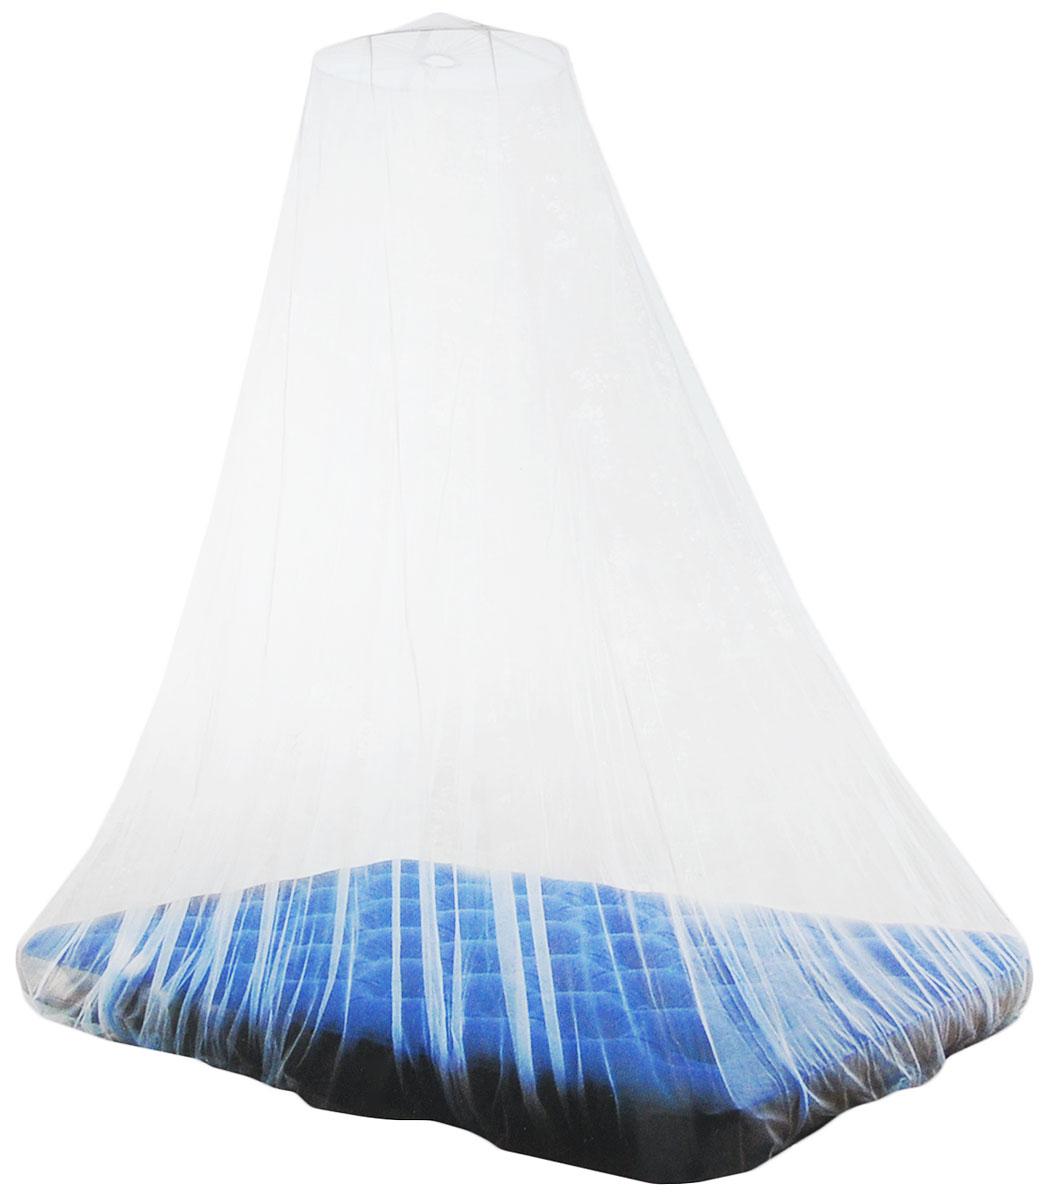 Сетка противомоскитная High Peak Savanne, цвет: белый, 220 х 200 х 250 см41510Противомоскитная сетка High Peak Savanne - непреодолимое препятствие для насекомых. Сетка изготовлена из 100% полиэстера. Крошечные ячейки пропускают воздух, но не оставляют ни малейшего шанса комарам и мошке. Их писк и укусы не потревожат ночной сон туриста. Сетка-балдахин оснащена каркасом, который крепится на высоте до двух метров. Полог заворачивается вокруг спального места. Легкой сетке найдется применение не только в походах. К примеру, она пригодится во время ночевки на даче. К тому же ее можно использовать как для односпальной, так и для двуспальной кровати в квартире. Диаметр каркаса: 60 см. Подходит для спального места 200 х 220 см.